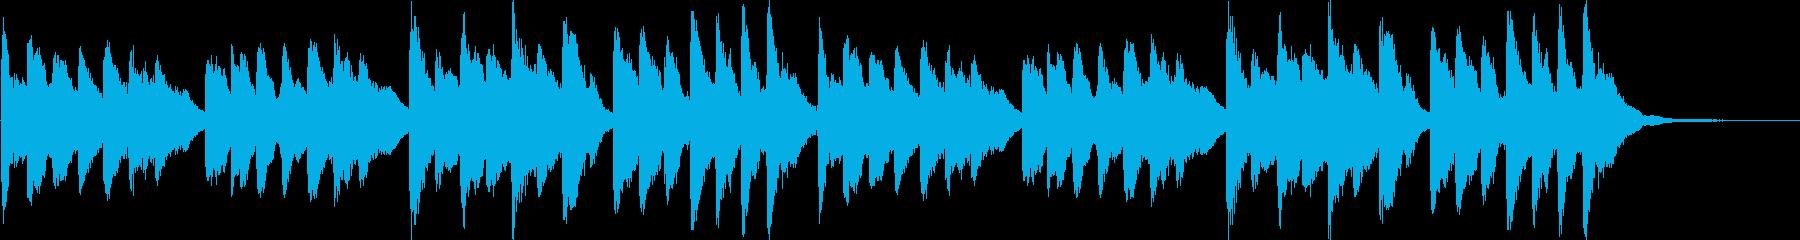 ほのぼの系チューブラーベルのジングルの再生済みの波形